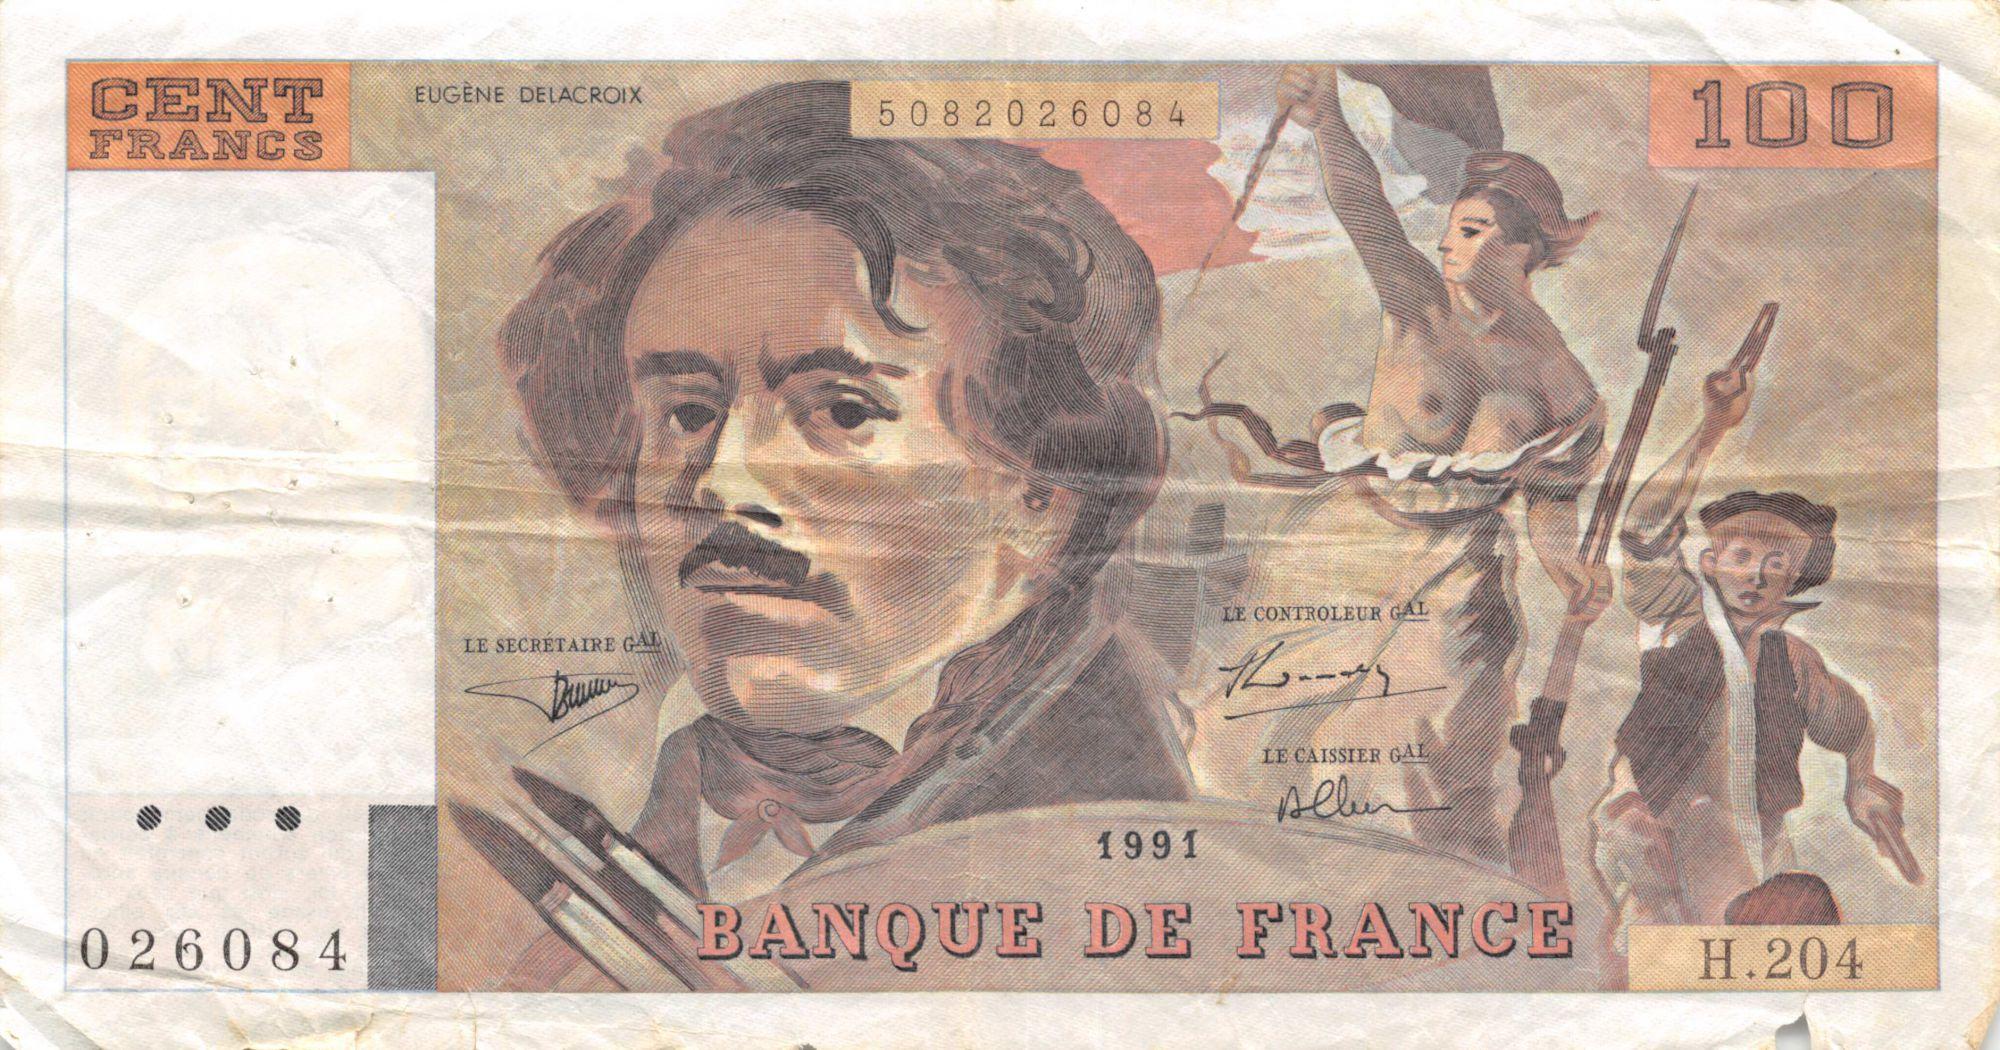 France 100 Francs Delacroix - 1991 Série H.204 - TB